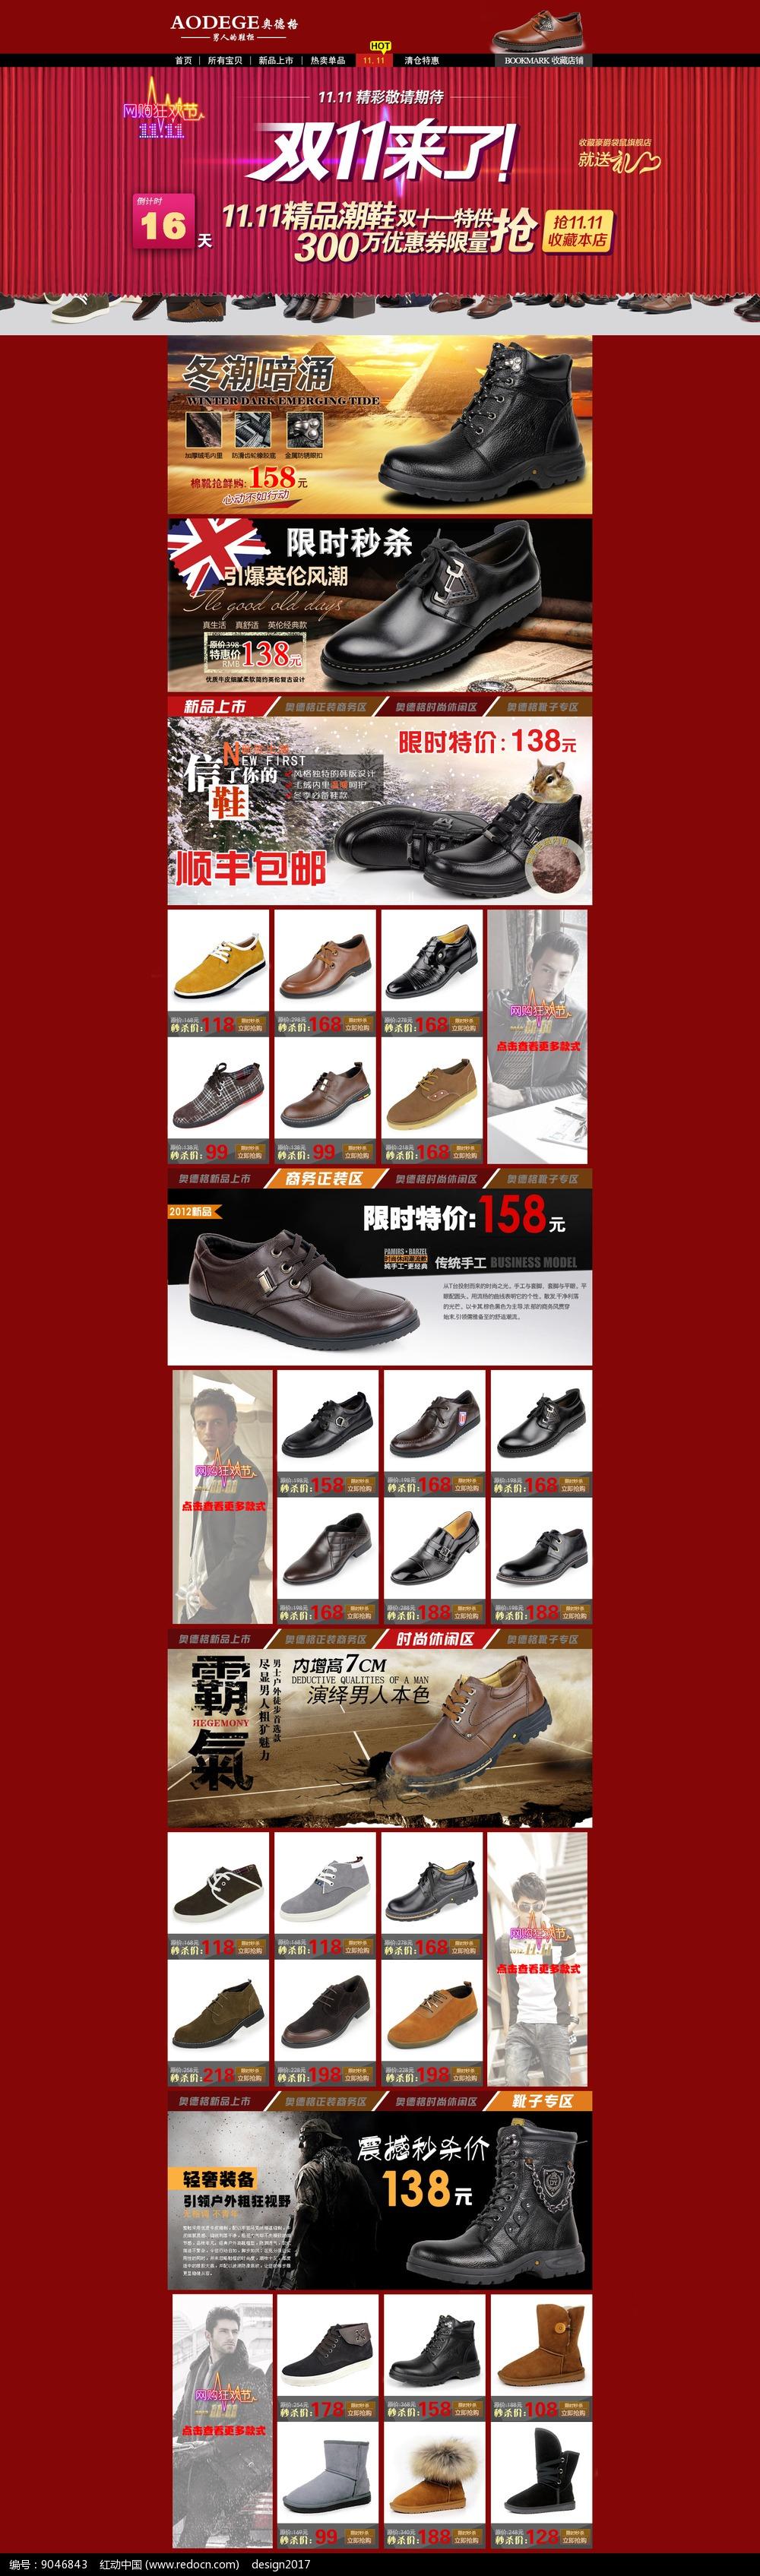 奥德格鞋促销网页PSD图片